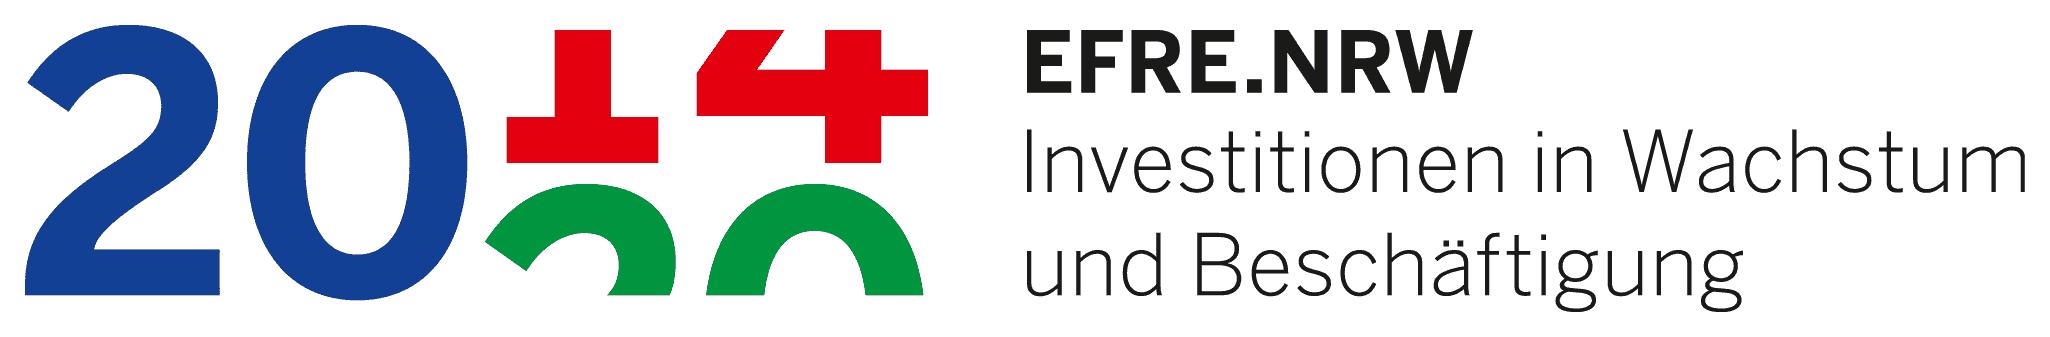 efre_nrw-fs8